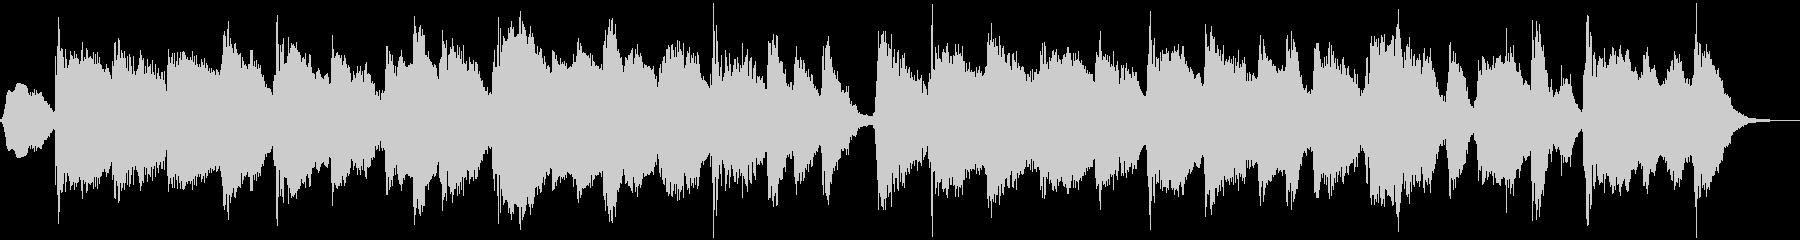 クラリネットのまったりとしたBGMの未再生の波形